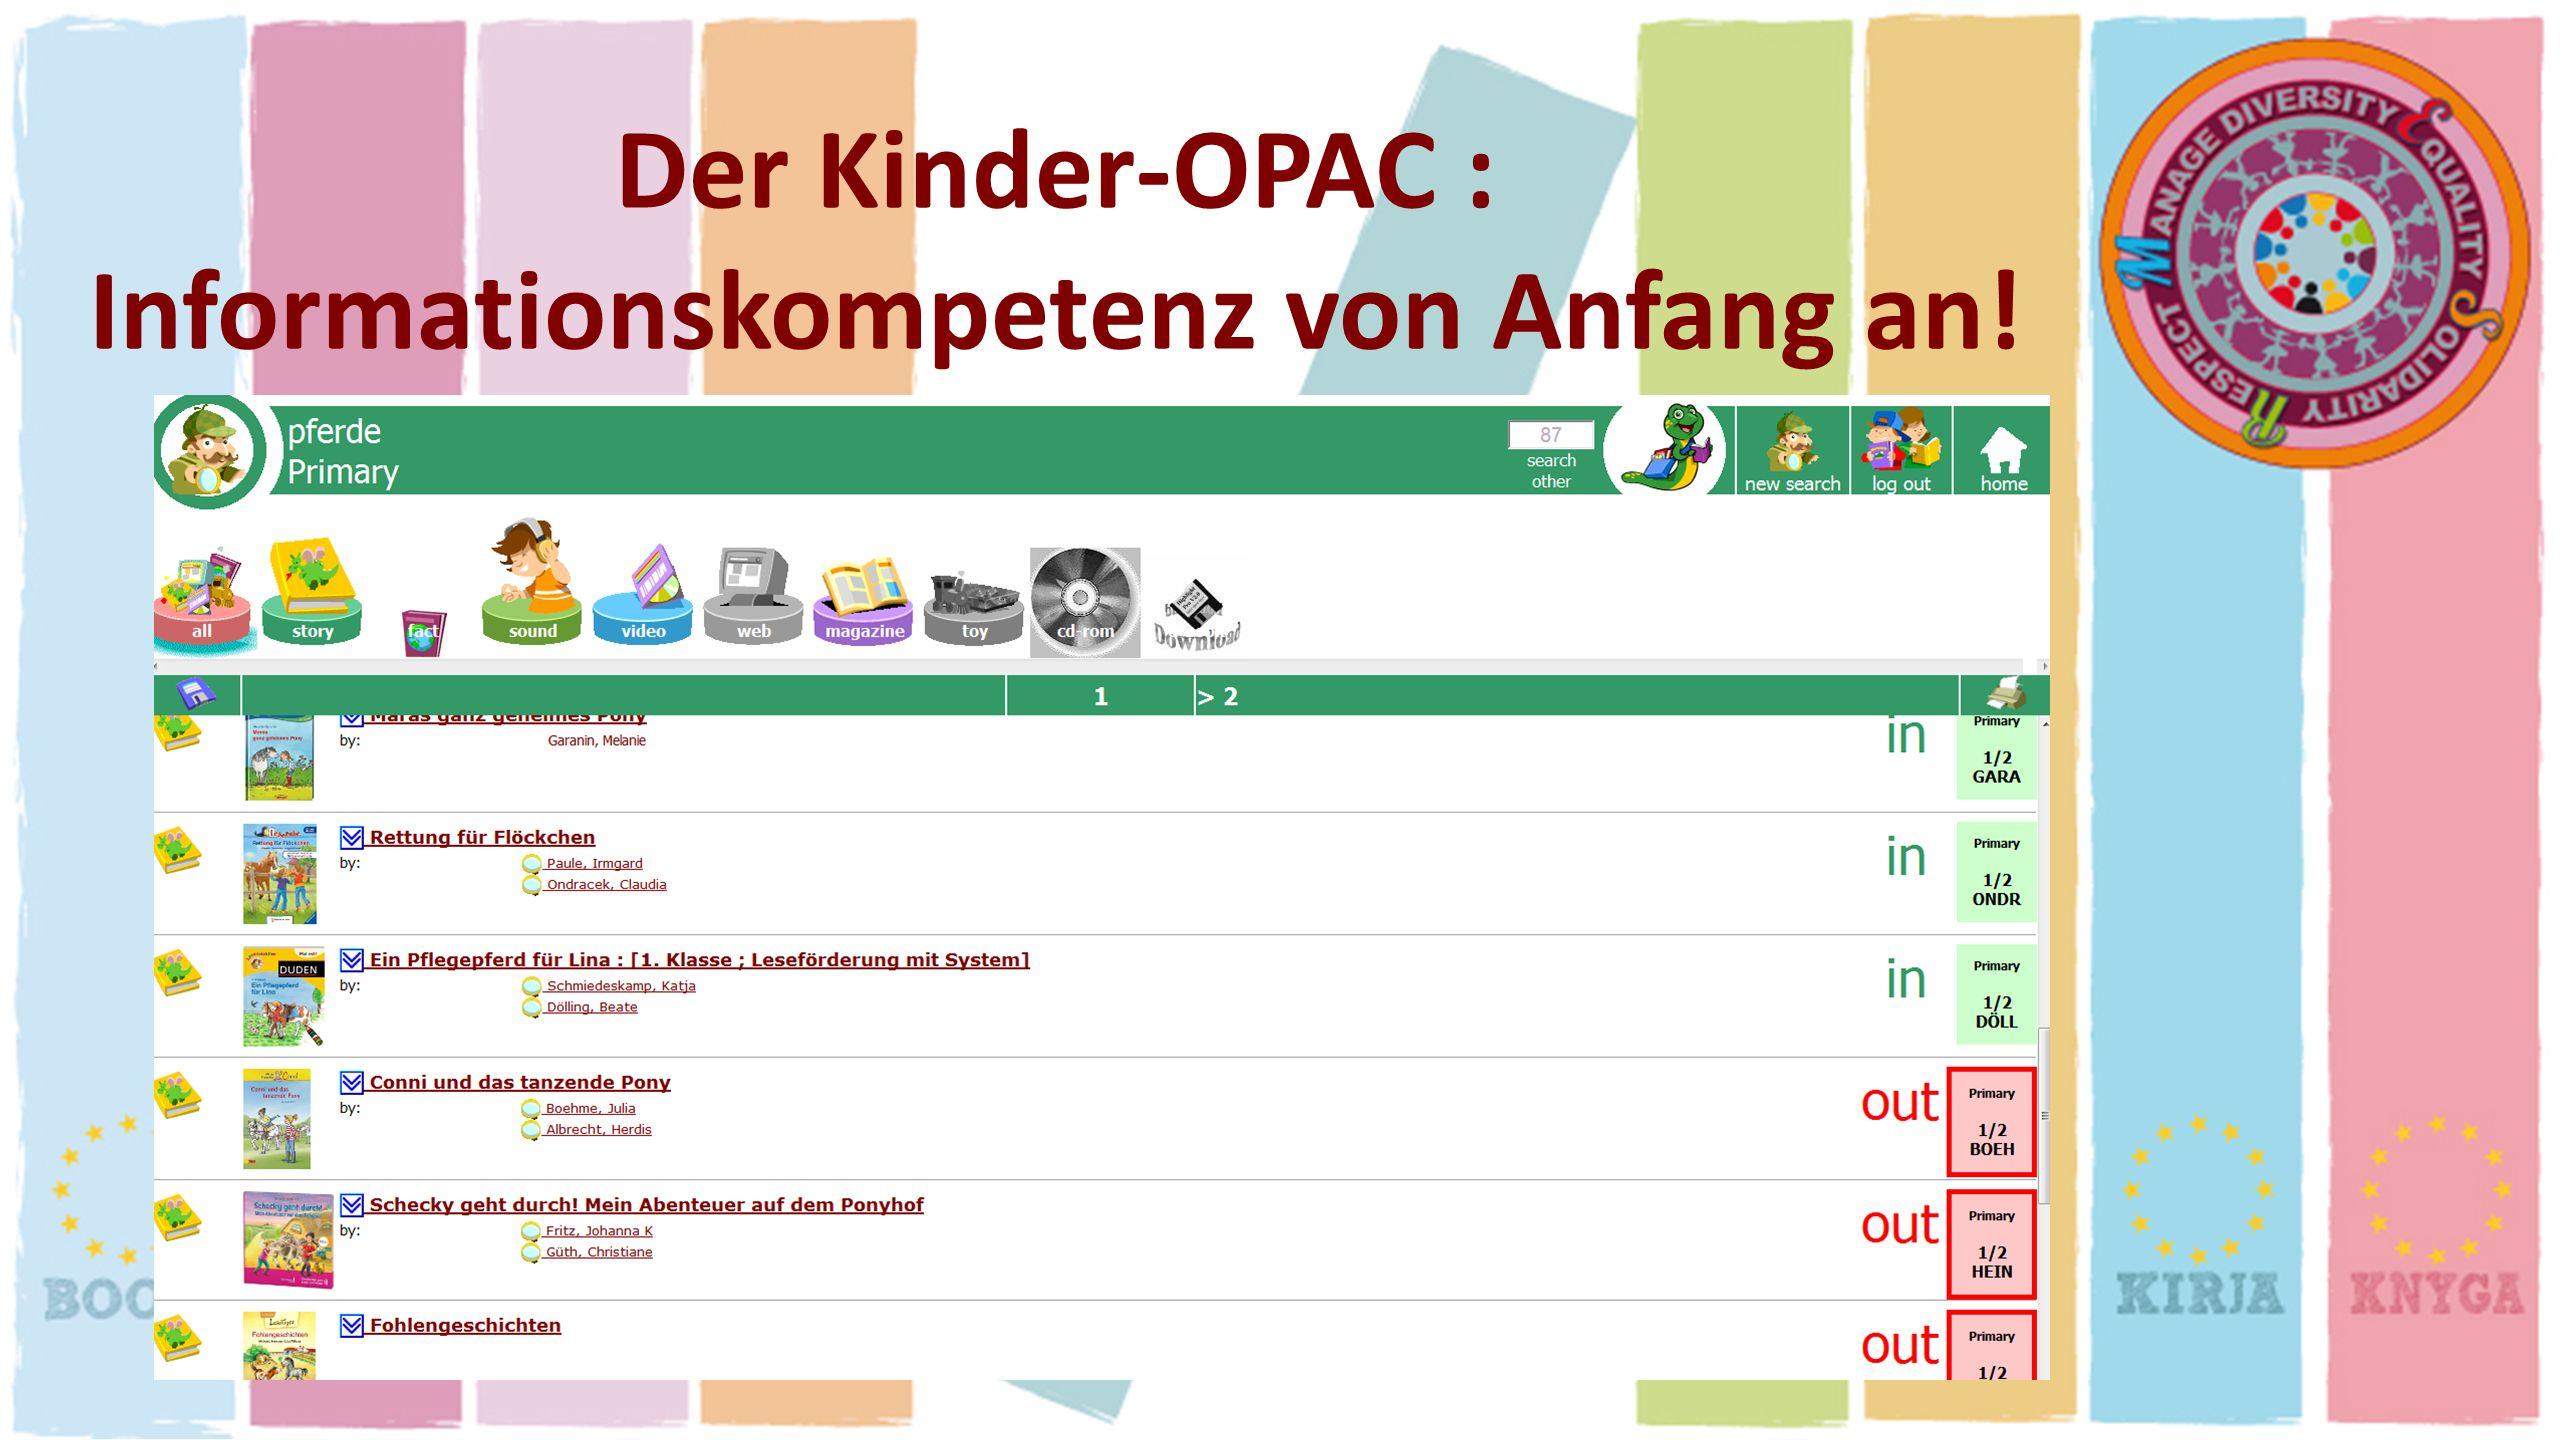 Der Kinder-OPAC : Informationskompetenz von Anfang an!